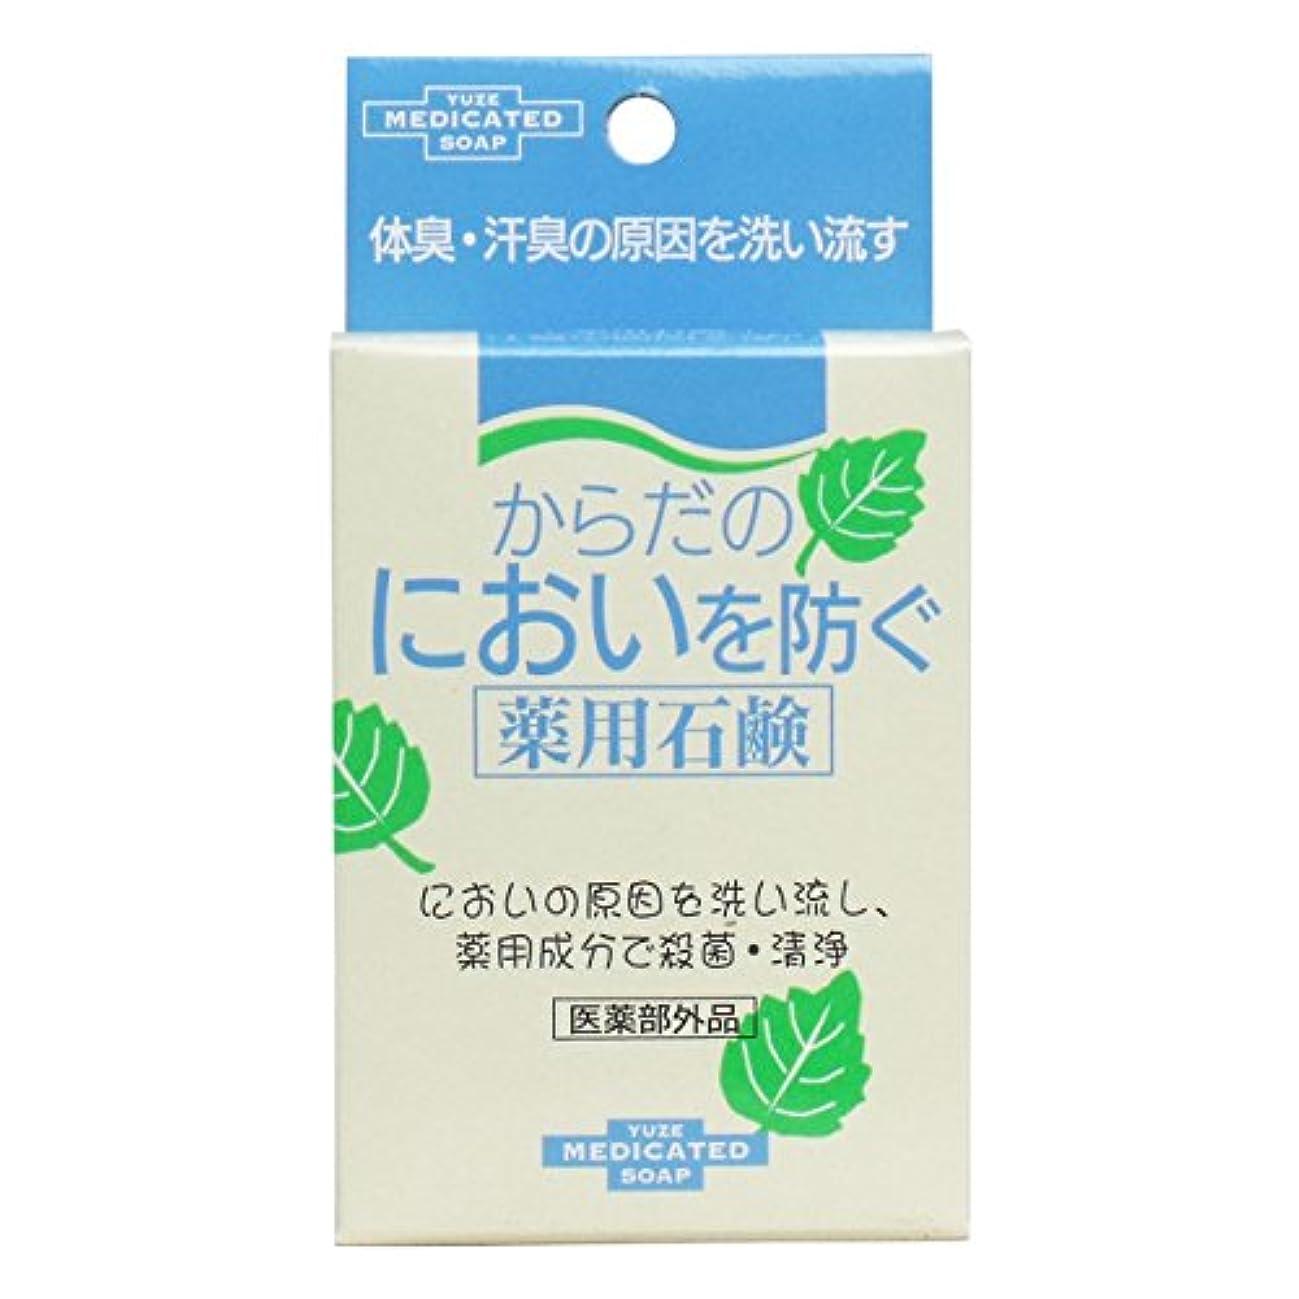 スタジアム添加剤定義からだのにおいを防ぐ薬用石鹸 110g ユゼ